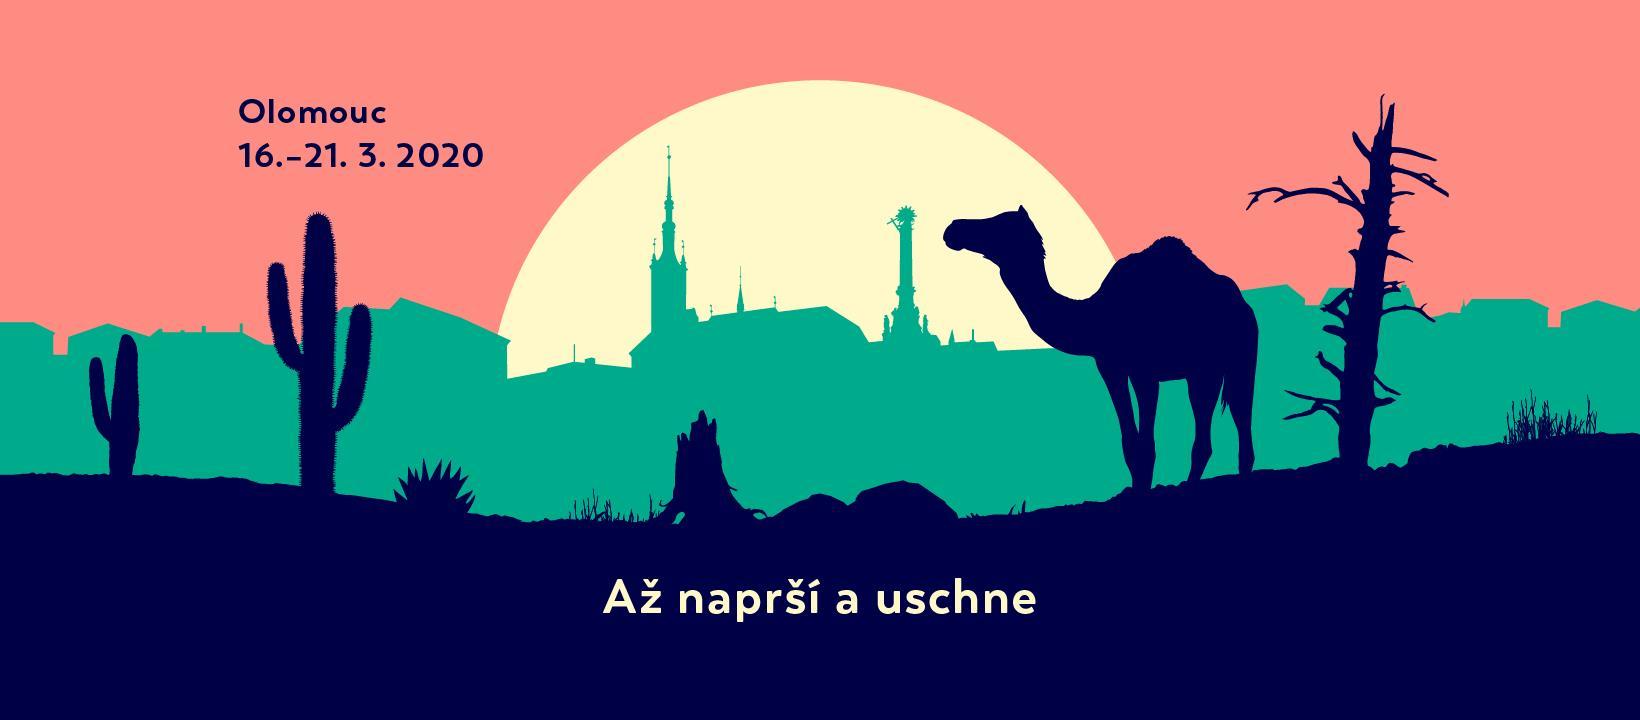 Jeden svět Olomouc